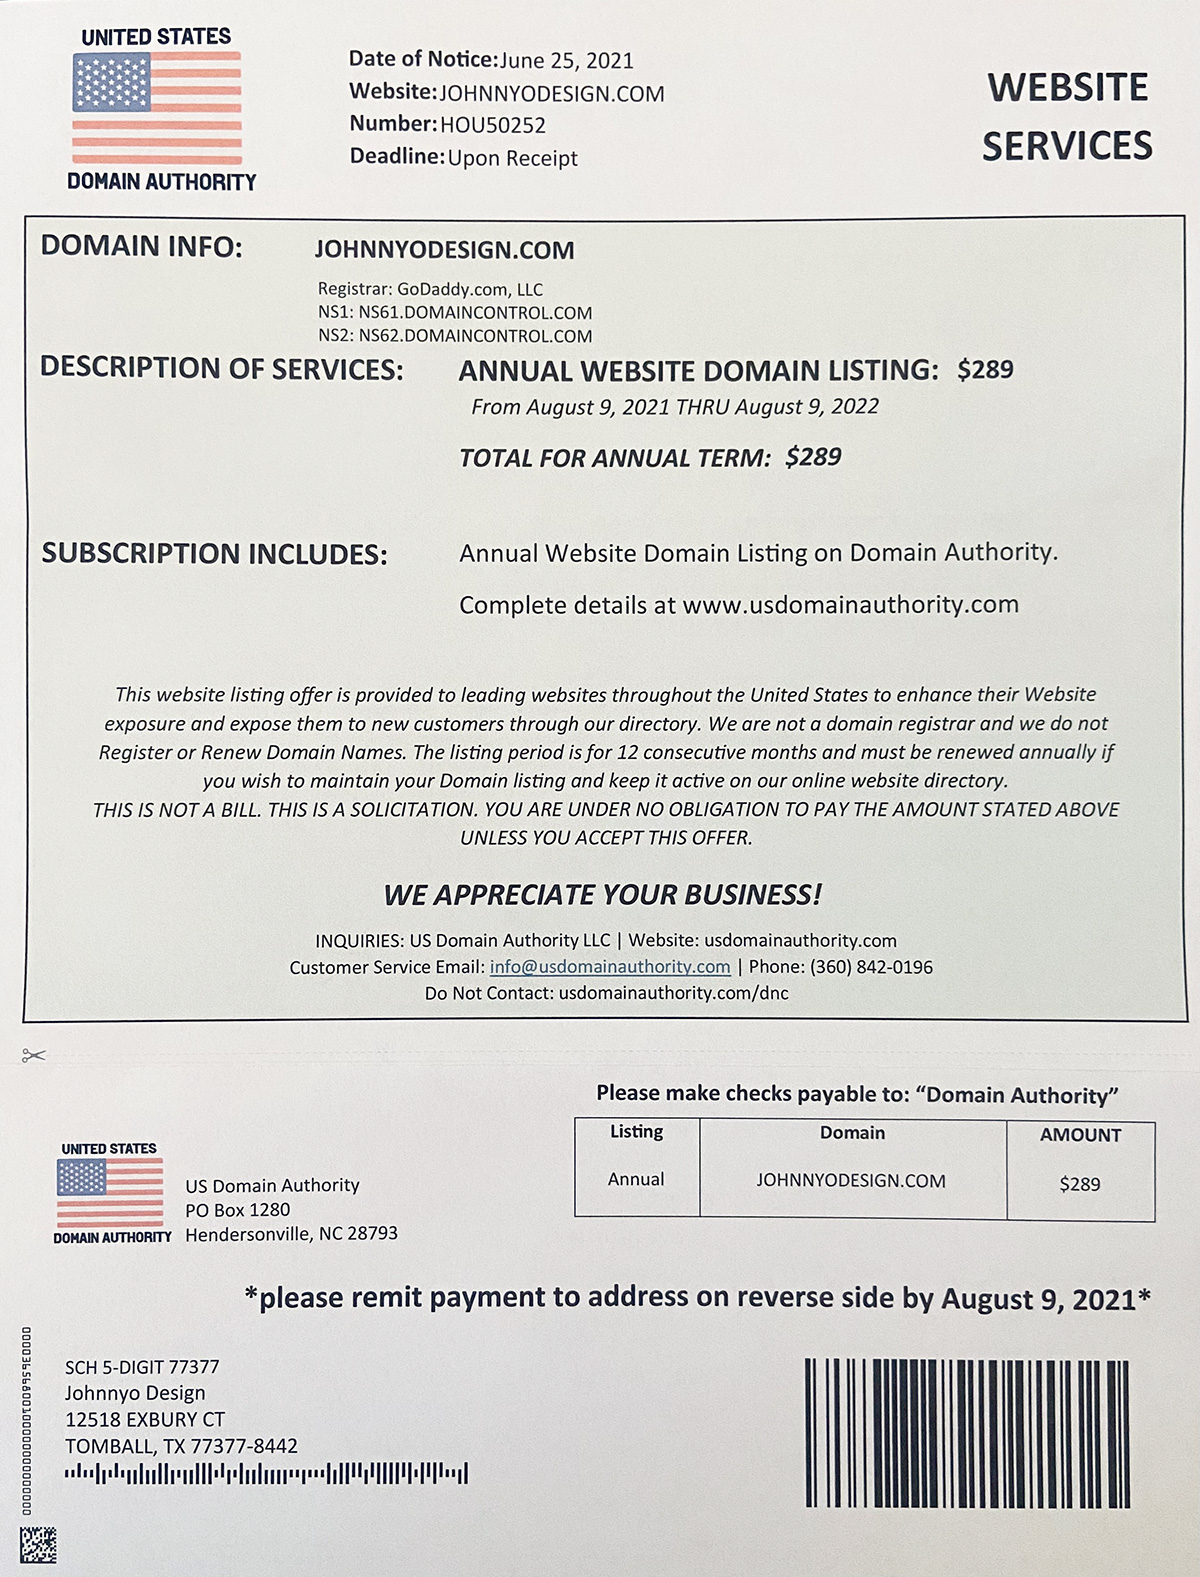 US Domain Authority